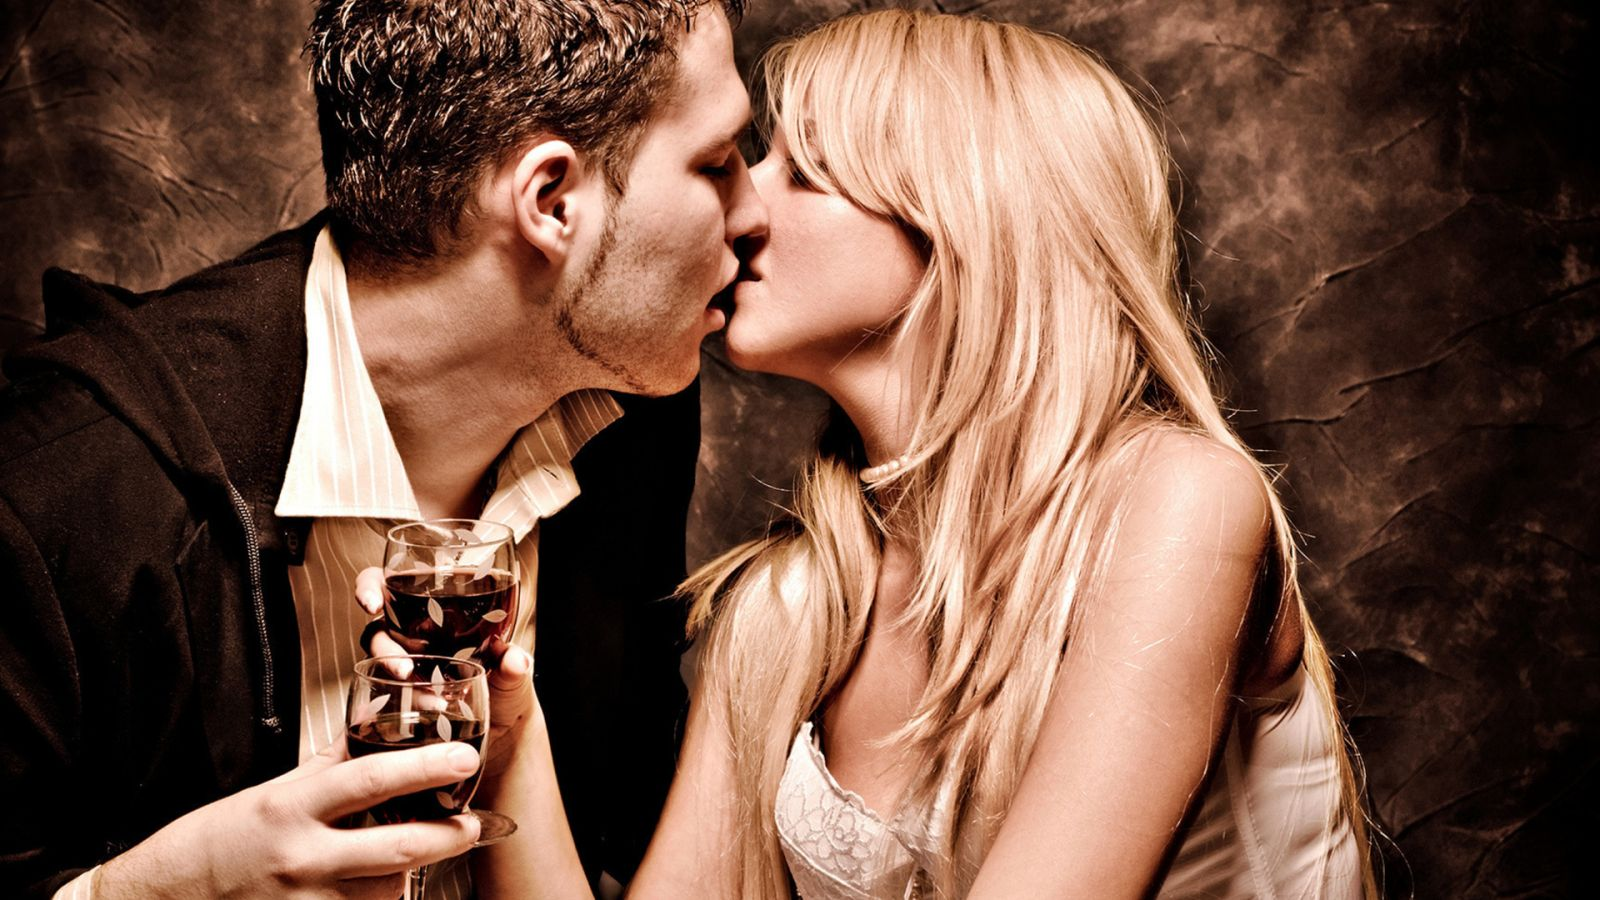 Кодировка от алкоголя в николаеве отзывы